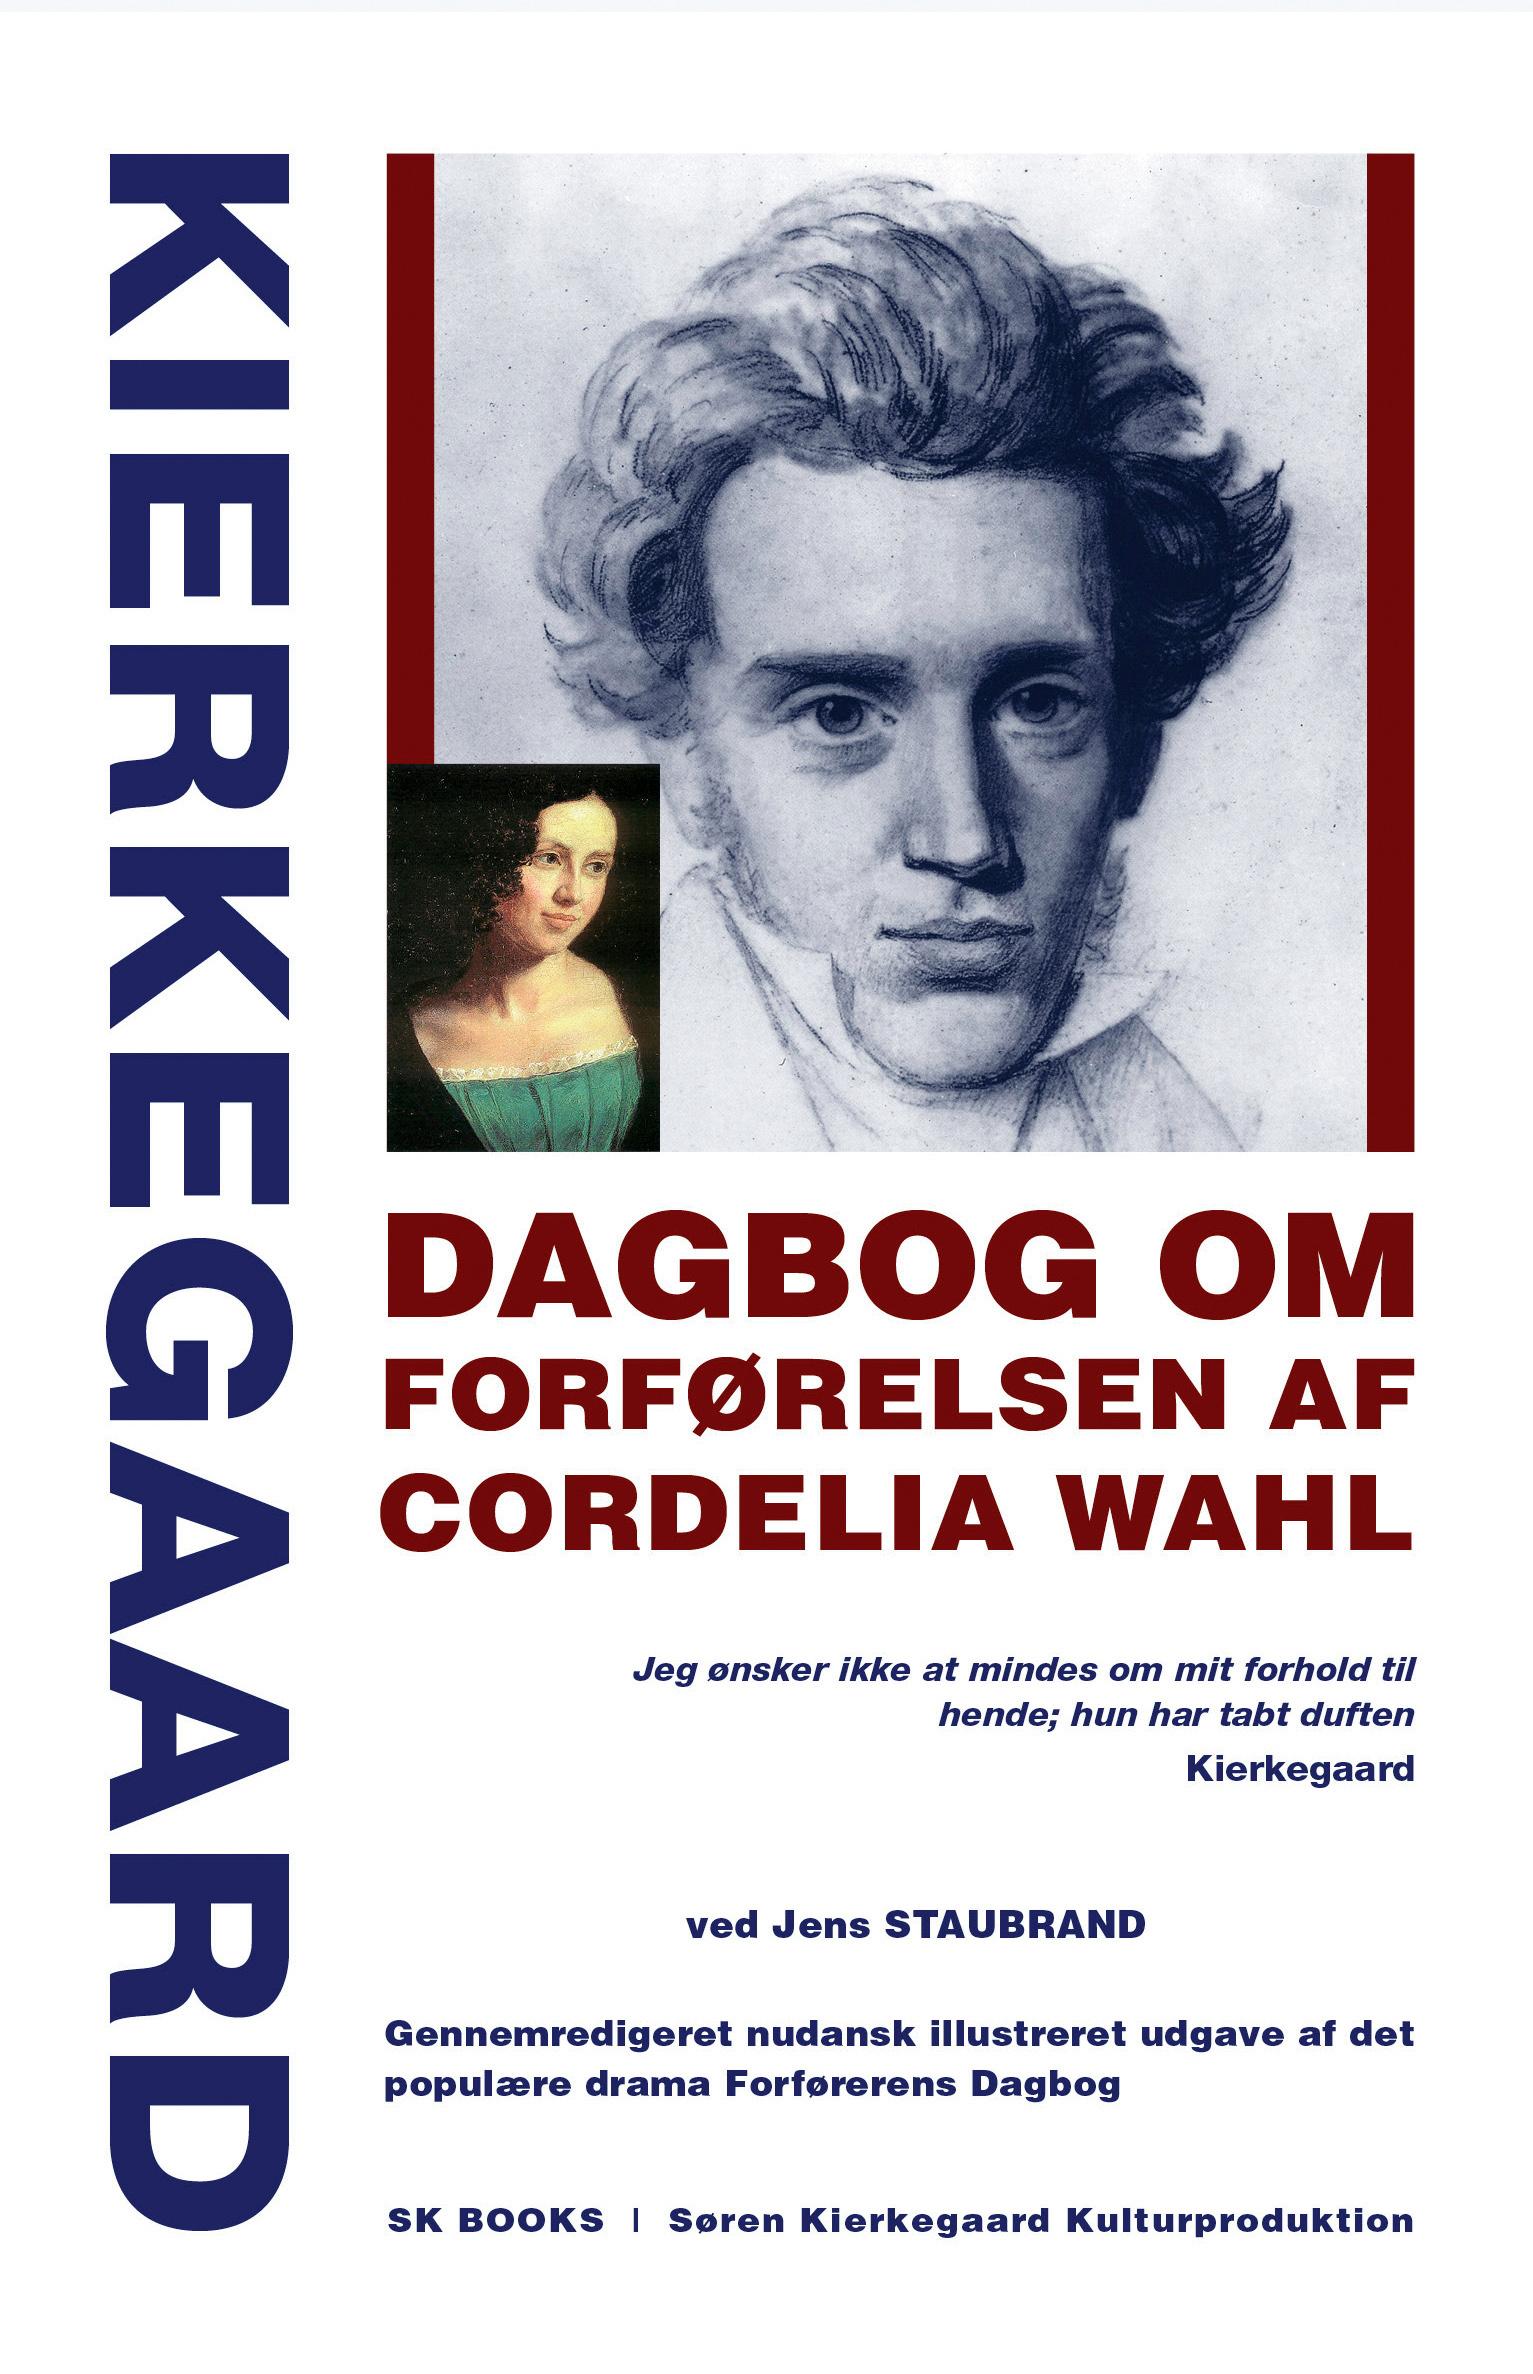 KIERKEGAARD Dagbog om forførelsen af Cordelia Wahl